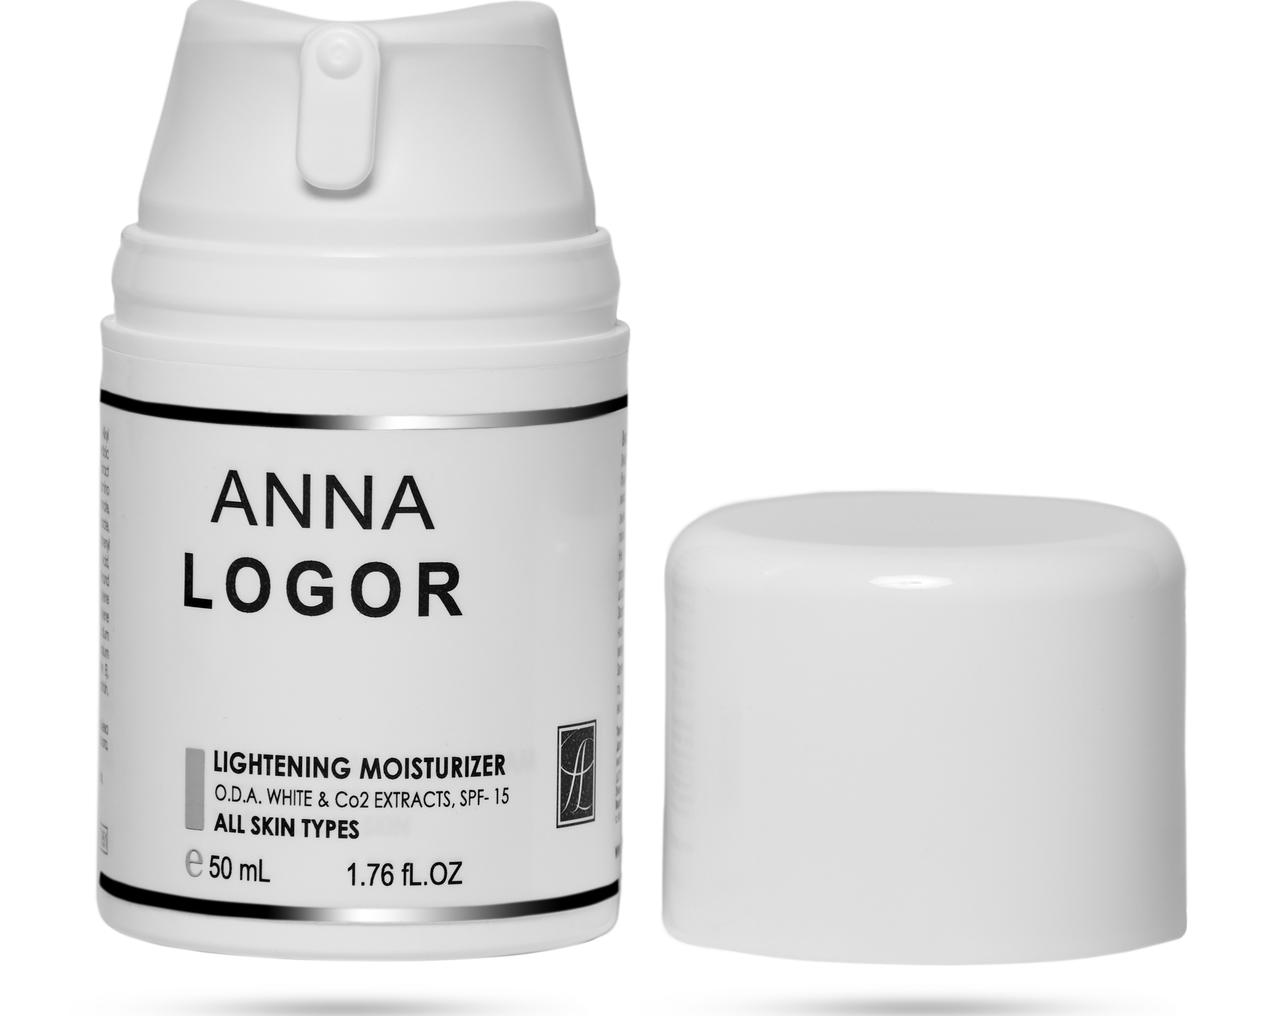 Висвітлюючий зволожуючий крем Анна Логор / Anna Logor Lightening Moisturizer 50 ml Код 951